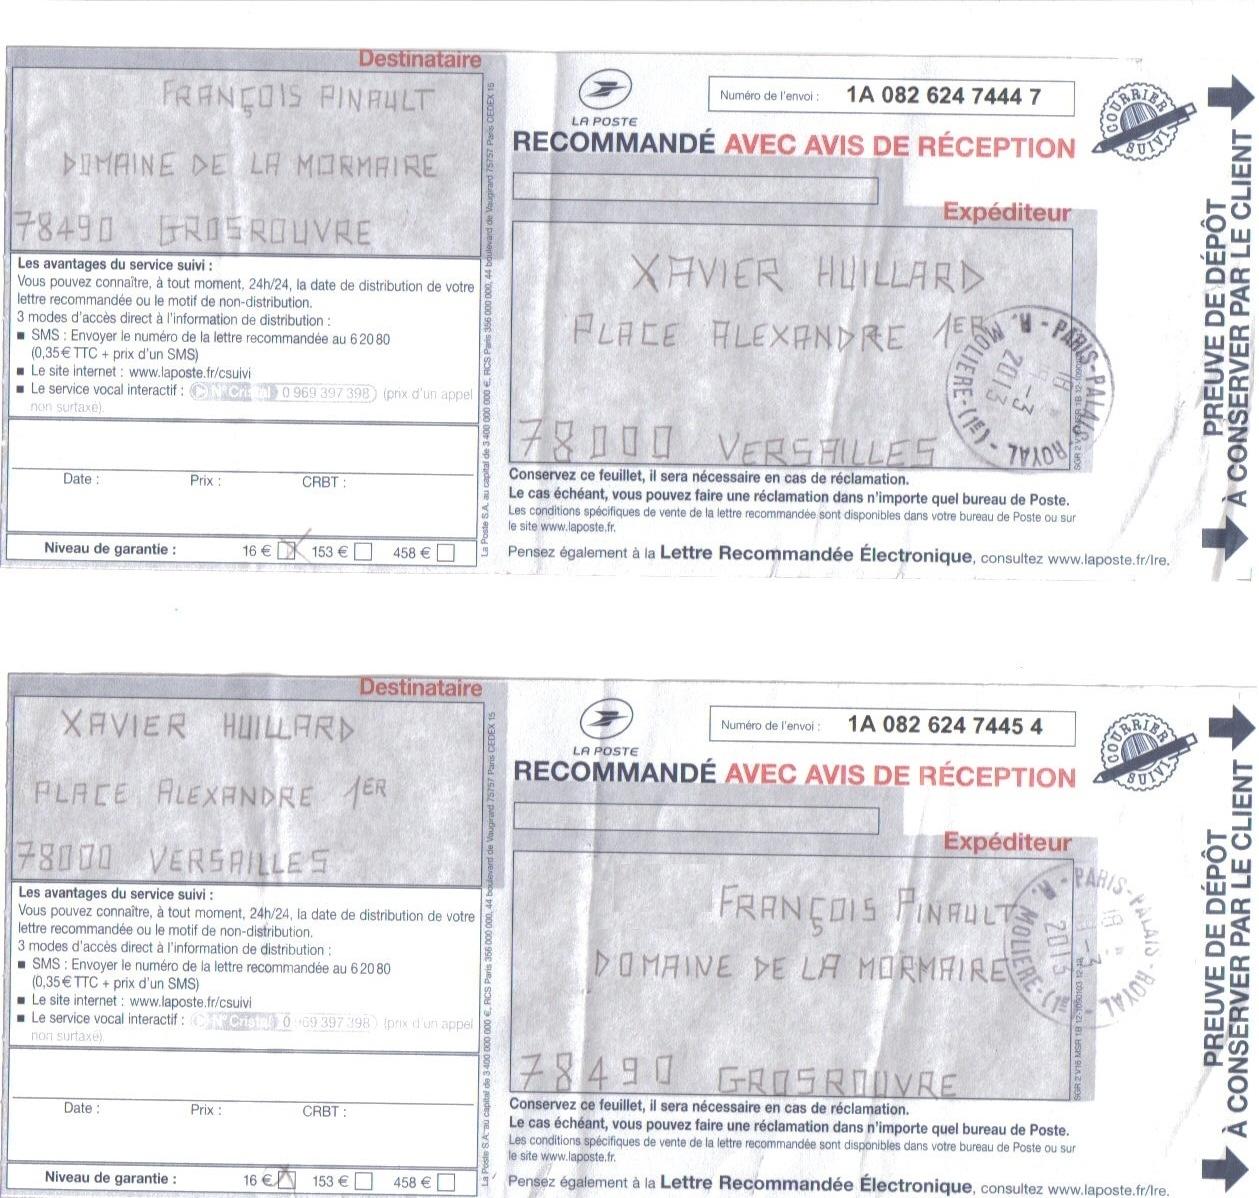 http://juralib.noblogs.org/files/2013/03/pinault-huillard.jpg